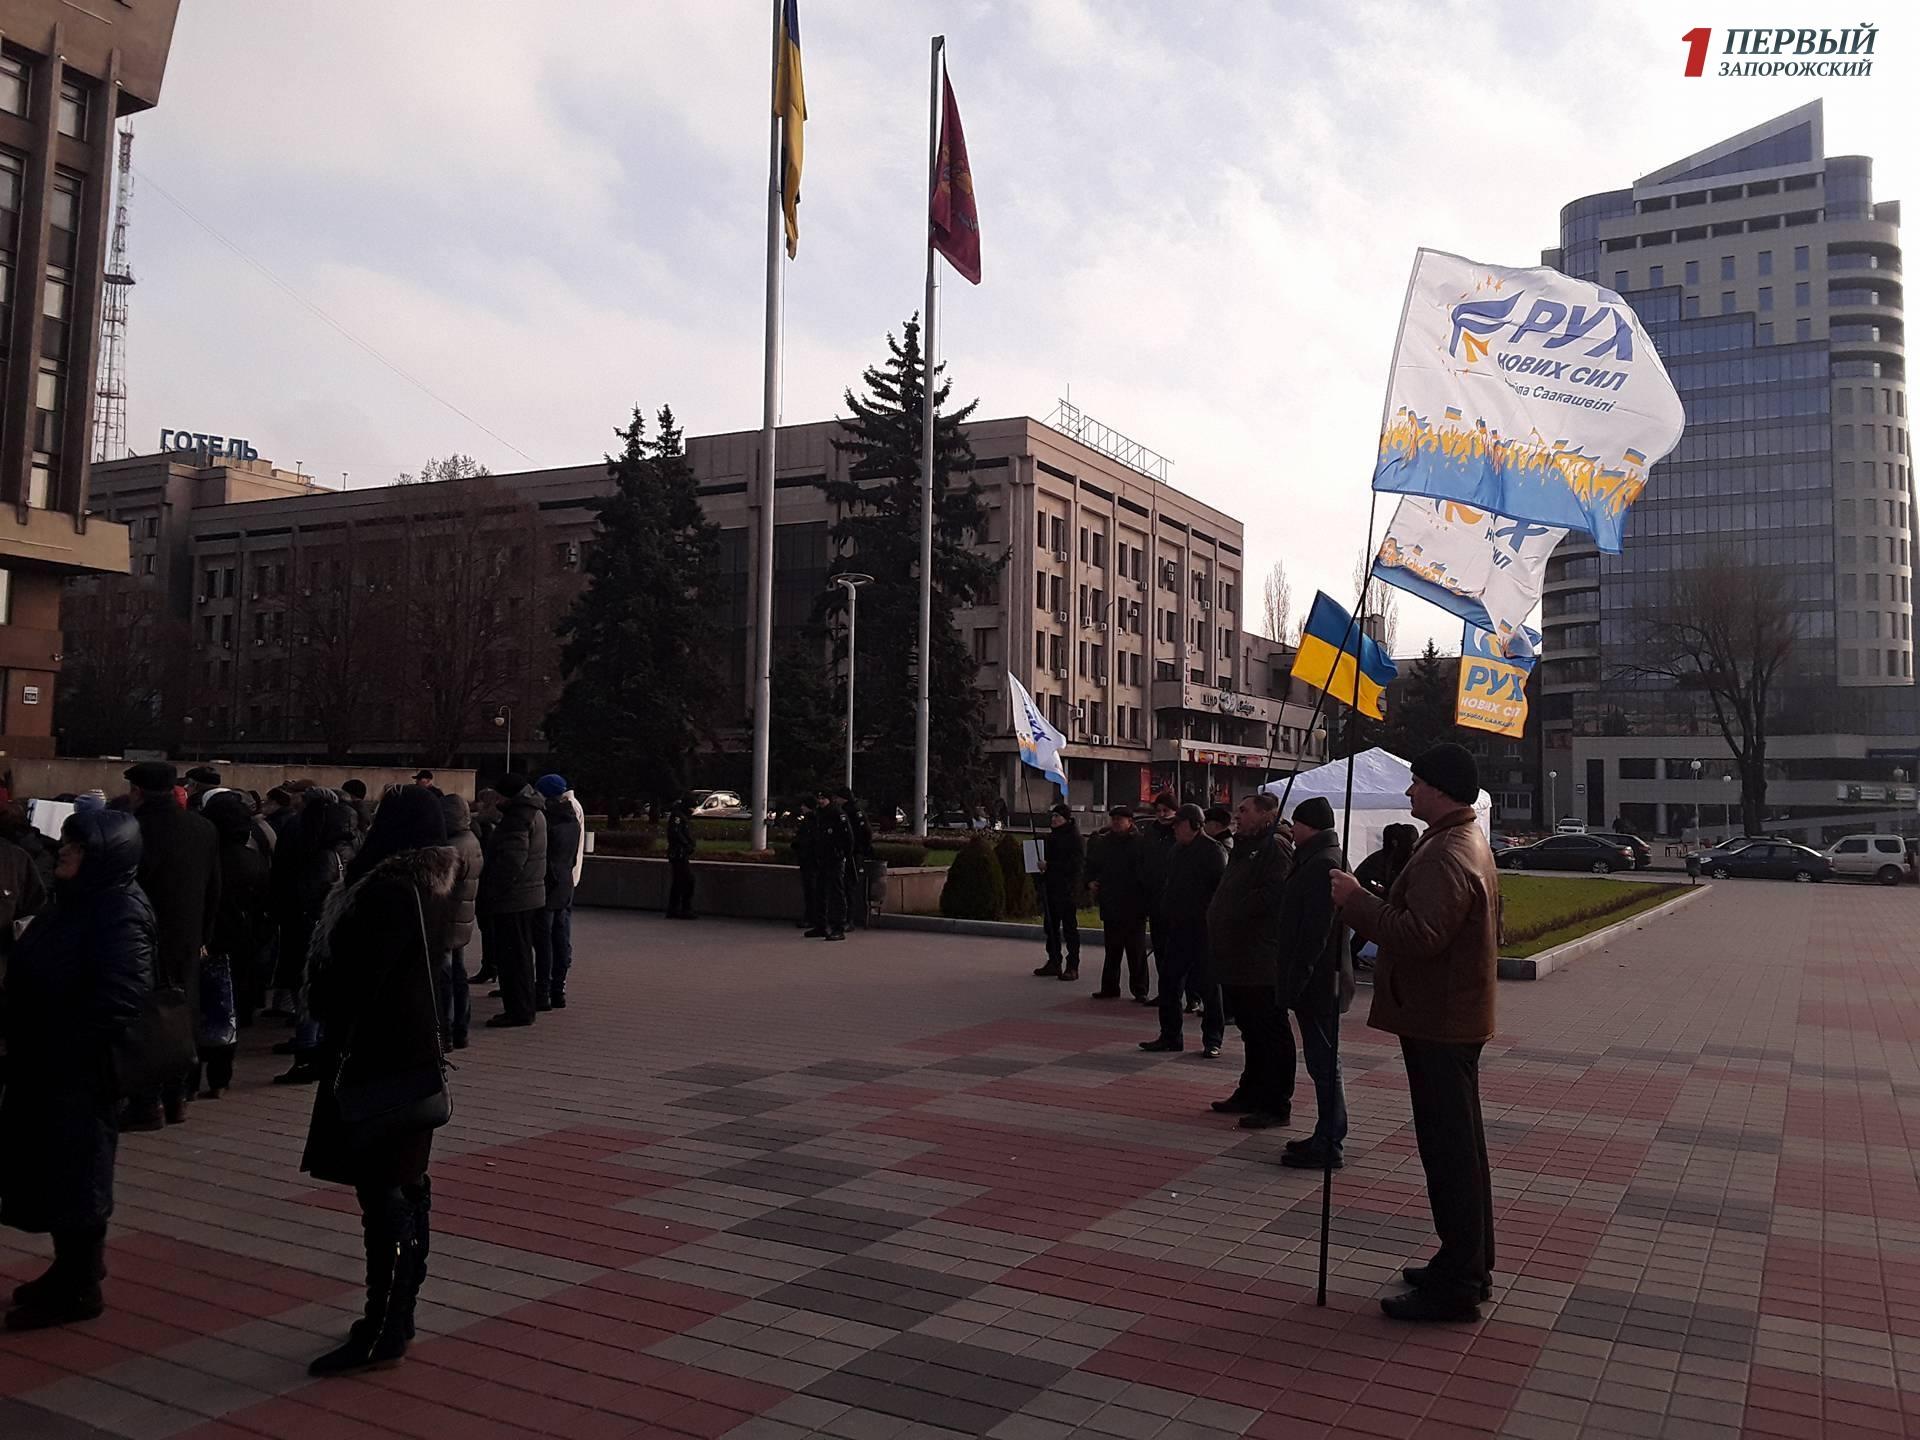 В Запорожье на митинге заводчан соратники Саакашвили пытались согнать всех на митинг в Киеве, чтобы «менять власть» - ФОТО, ВИДЕО